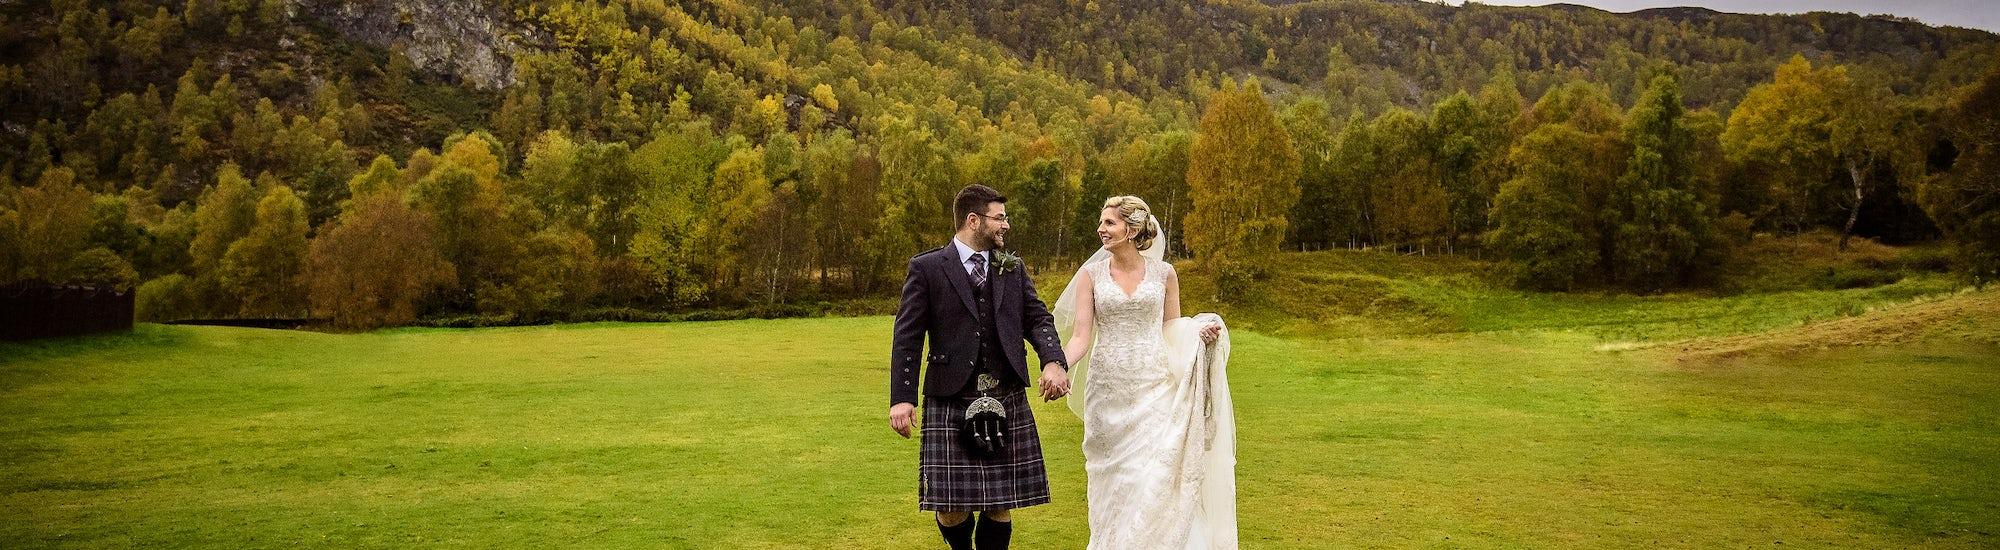 Bride and Groom in Resort Grounds